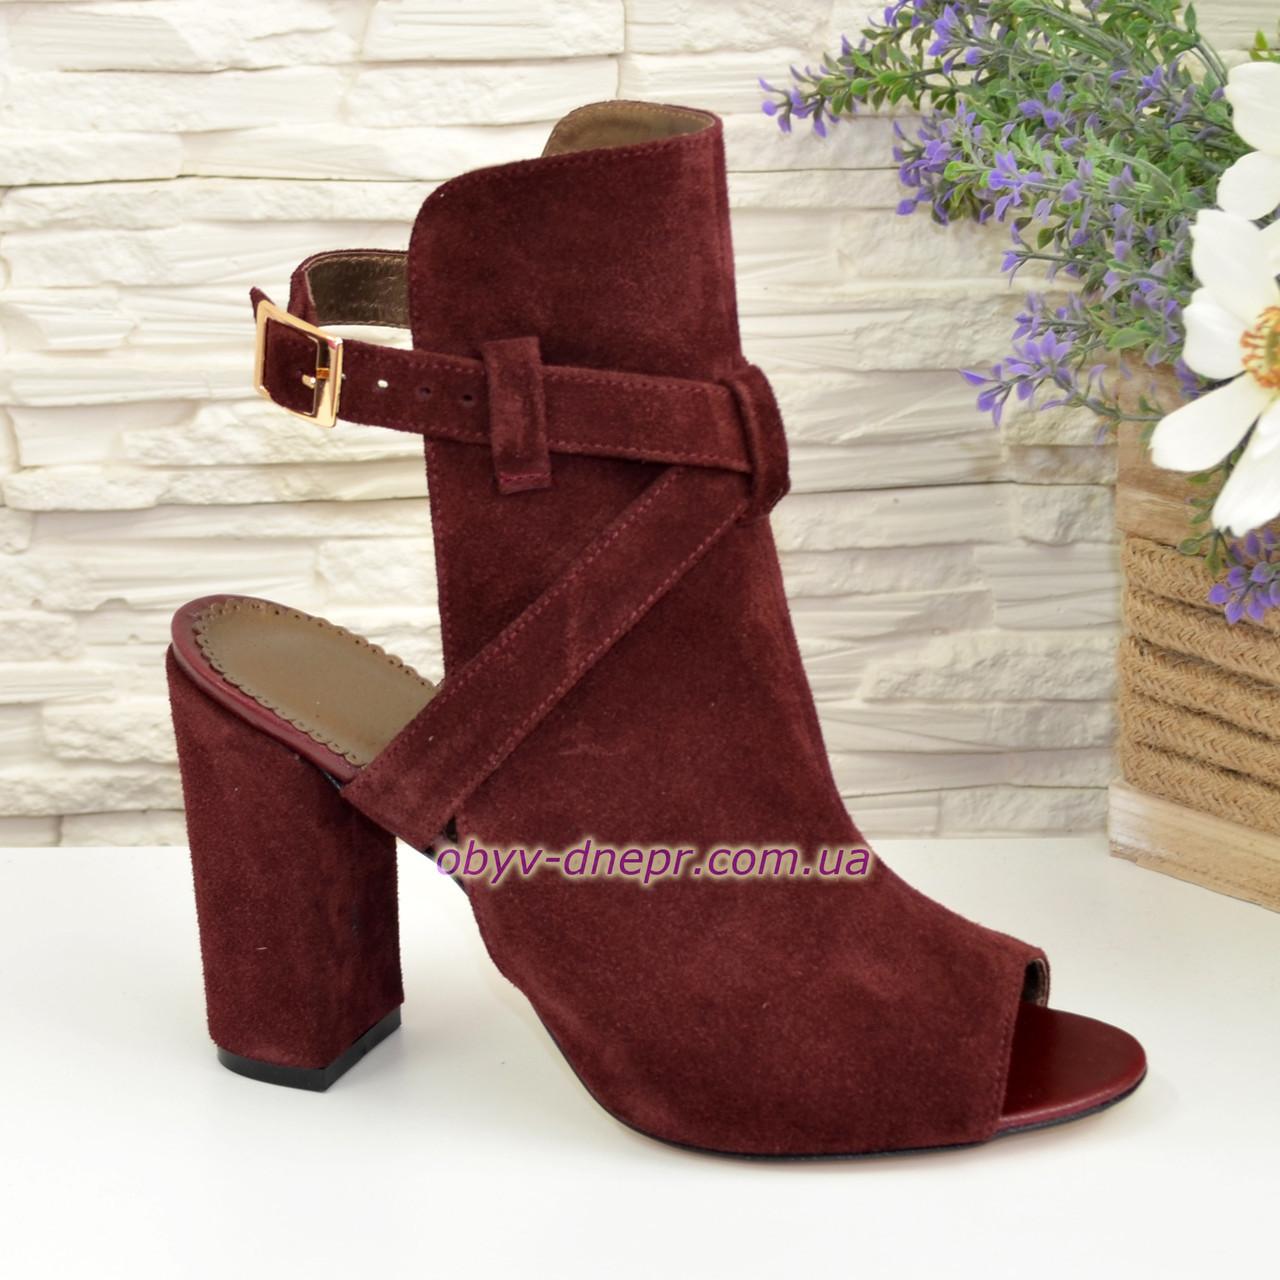 Женские бордовые босоножки на высоком устойчивом каблуке